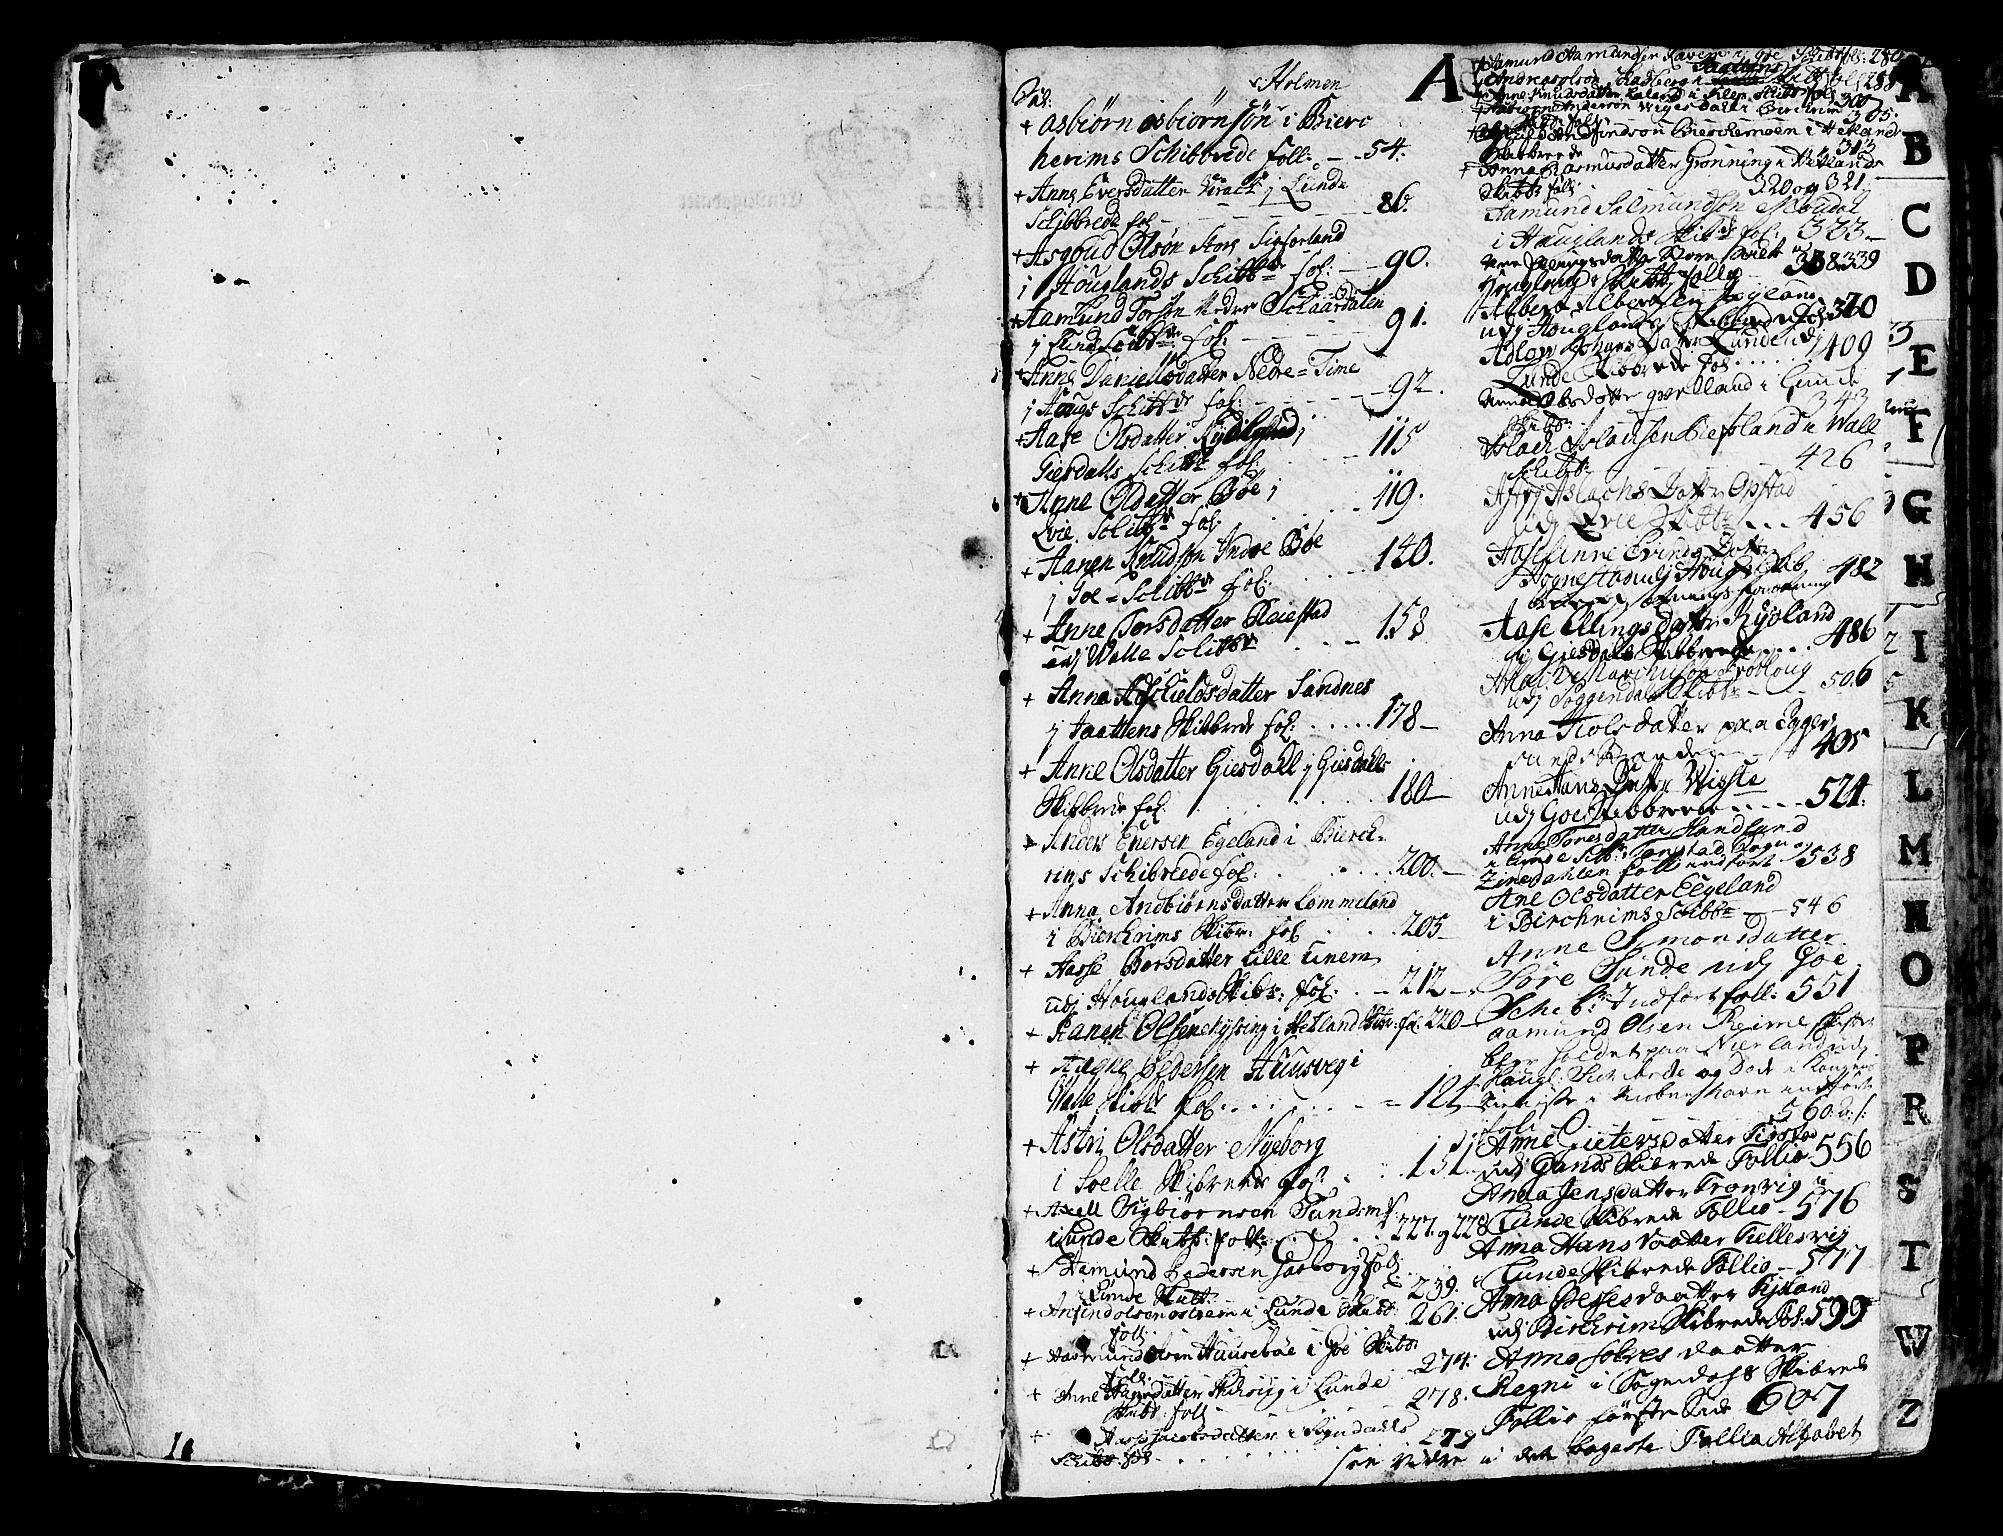 SAST, Jæren og Dalane sorenskriveri, 5/50BA/L0006B: SKIFTEPROTOKOLL, 1722-1739, s. 1b-2a